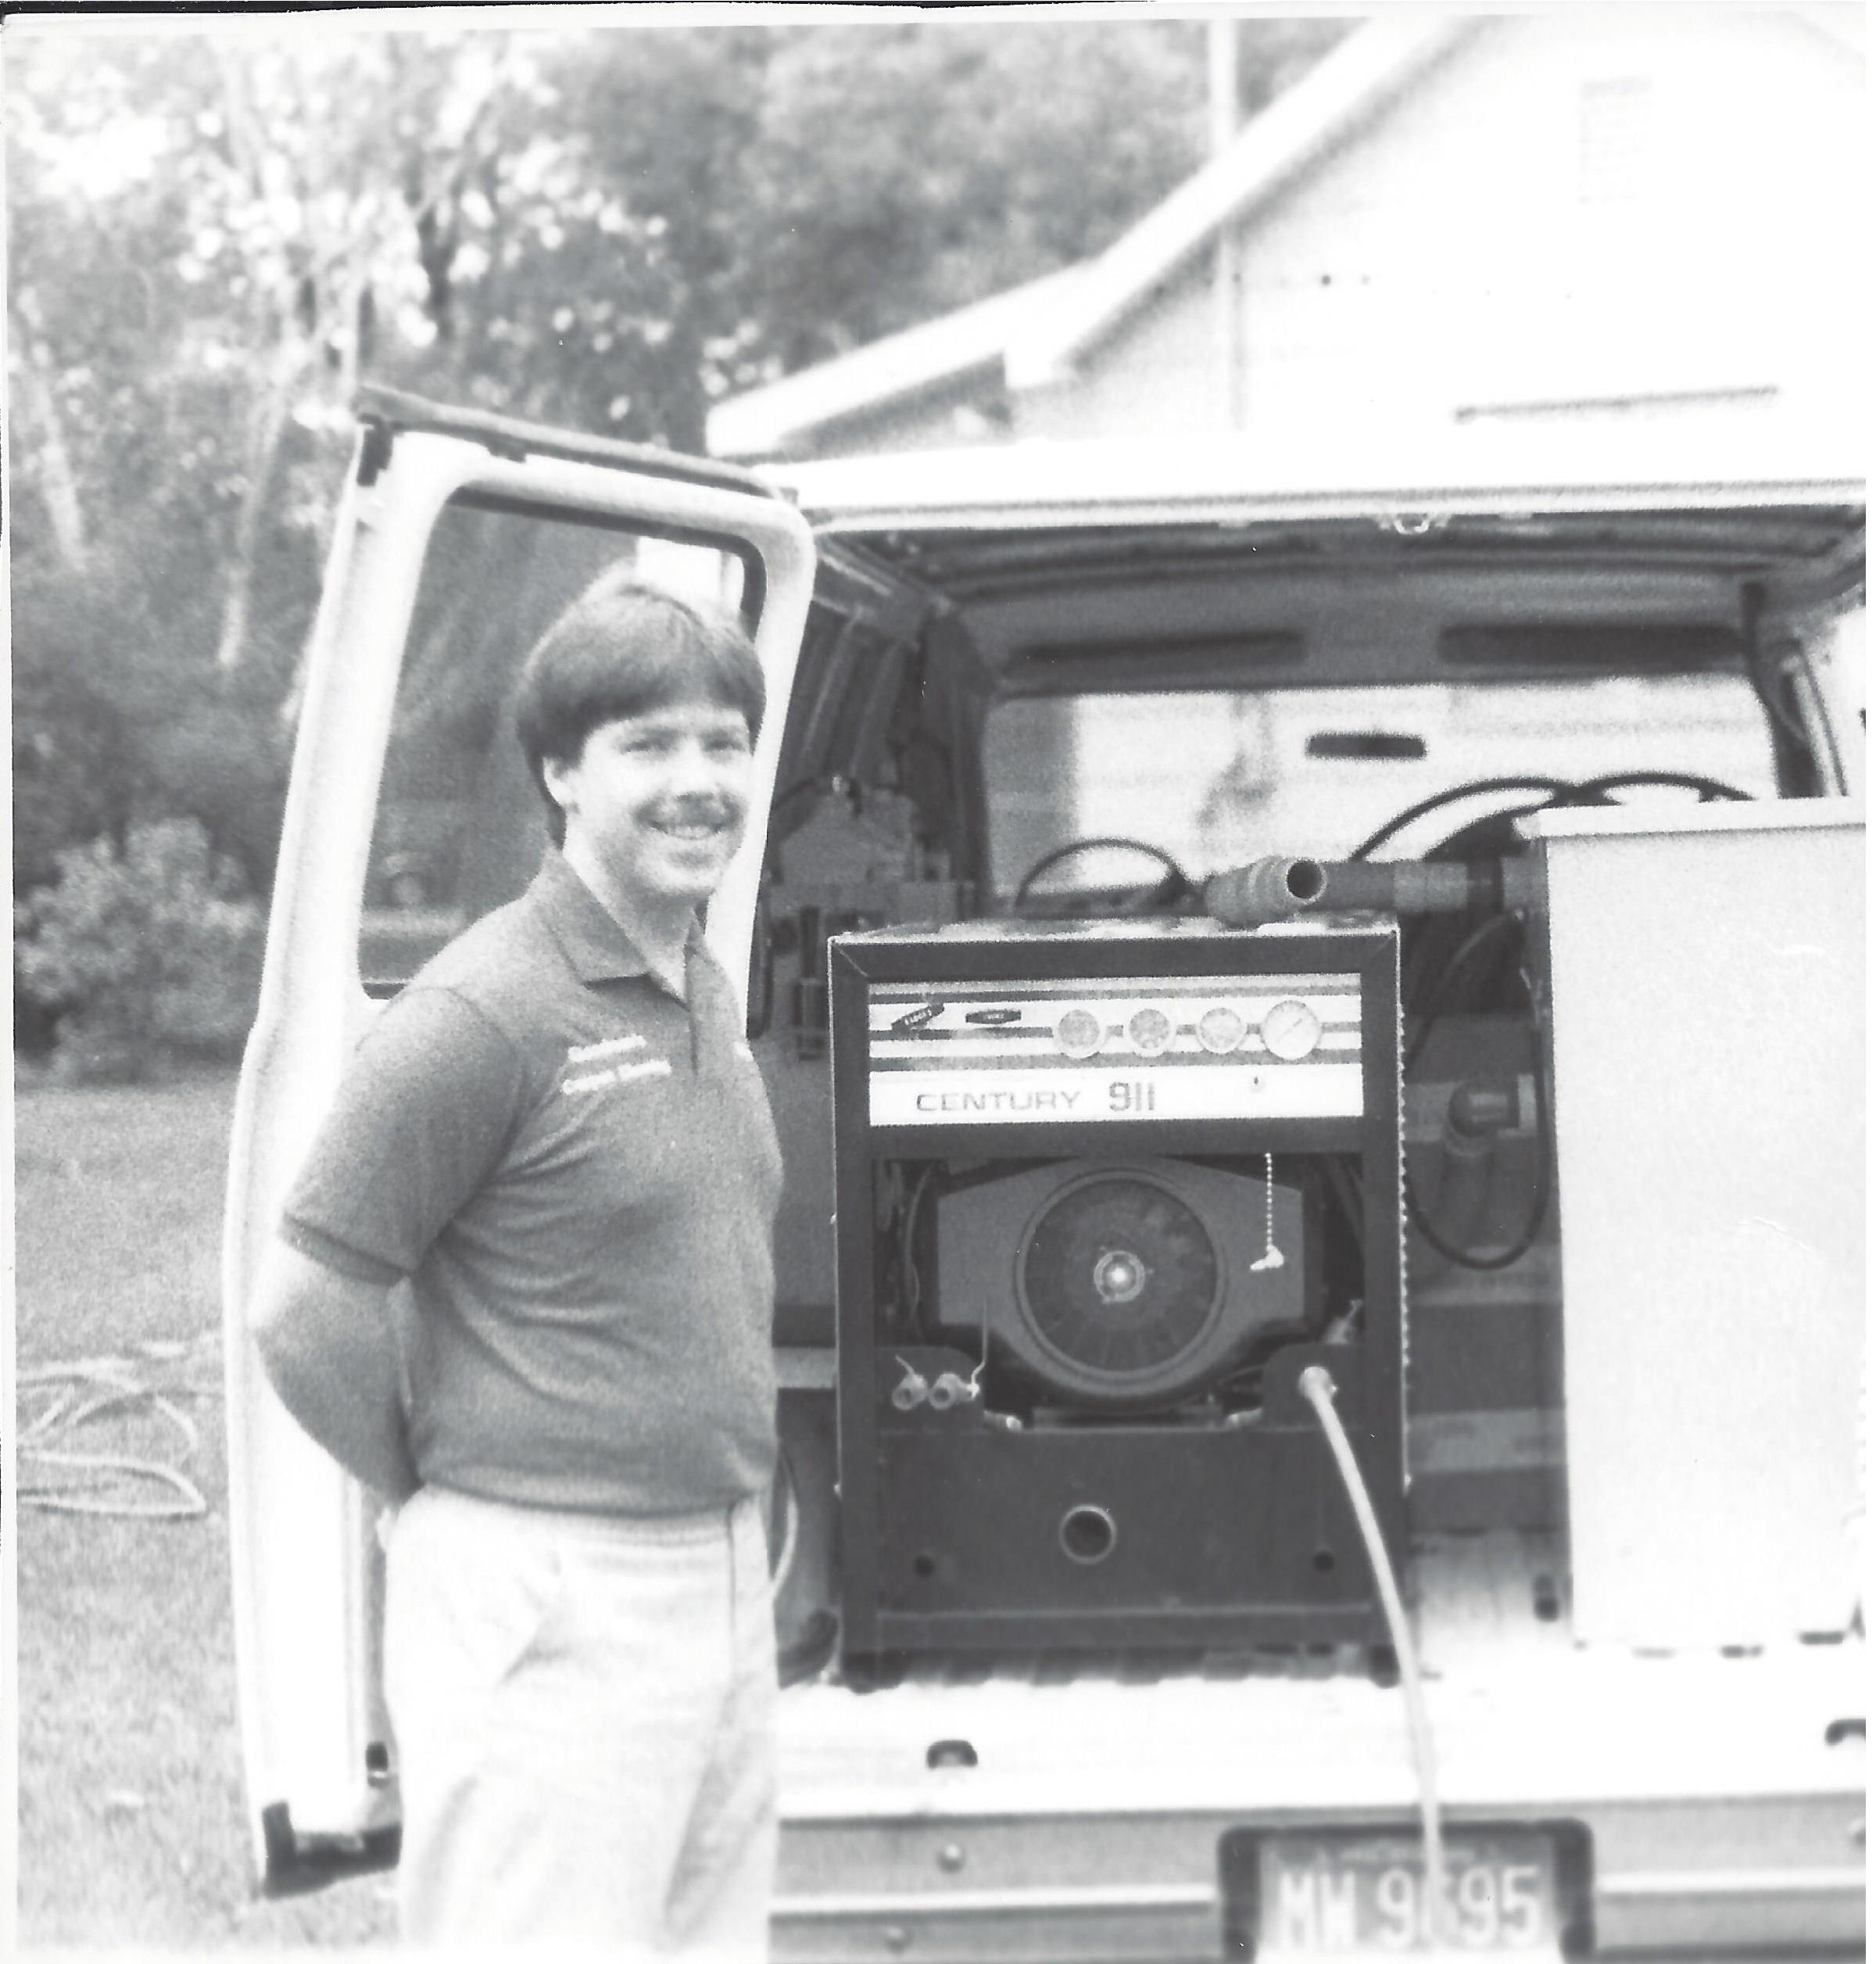 van2 1988 (2)